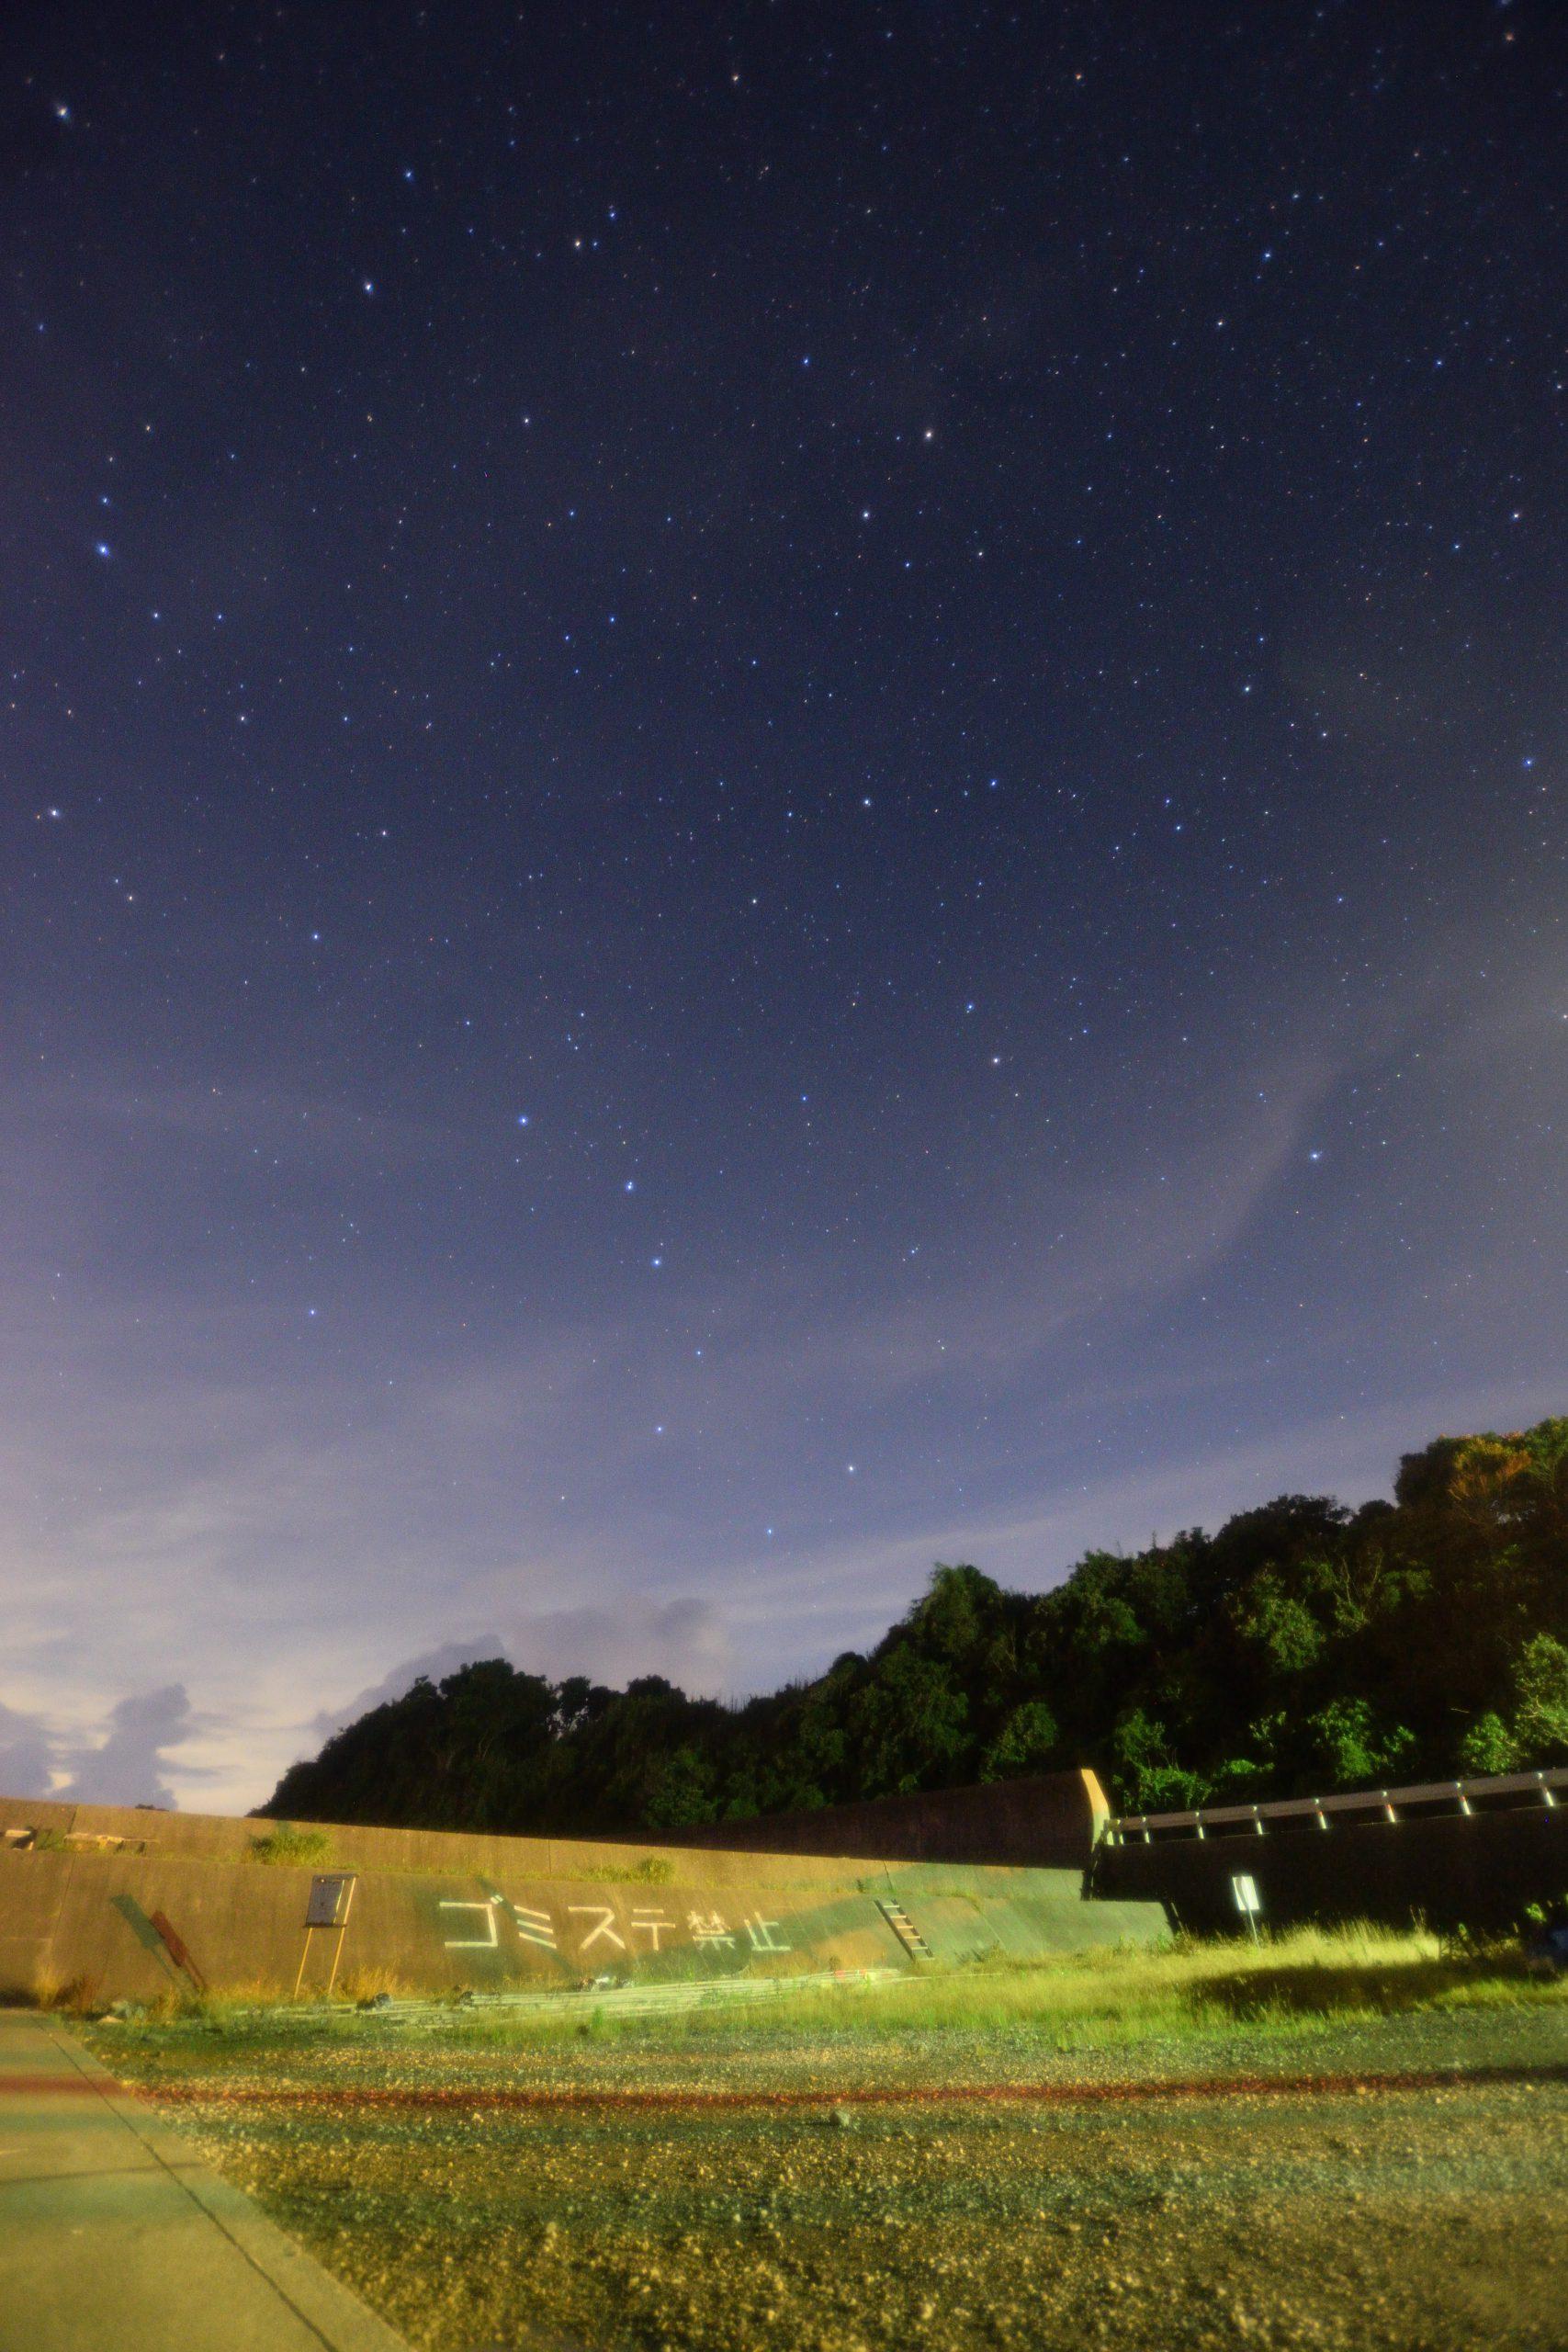 片田漁港からの北の星空